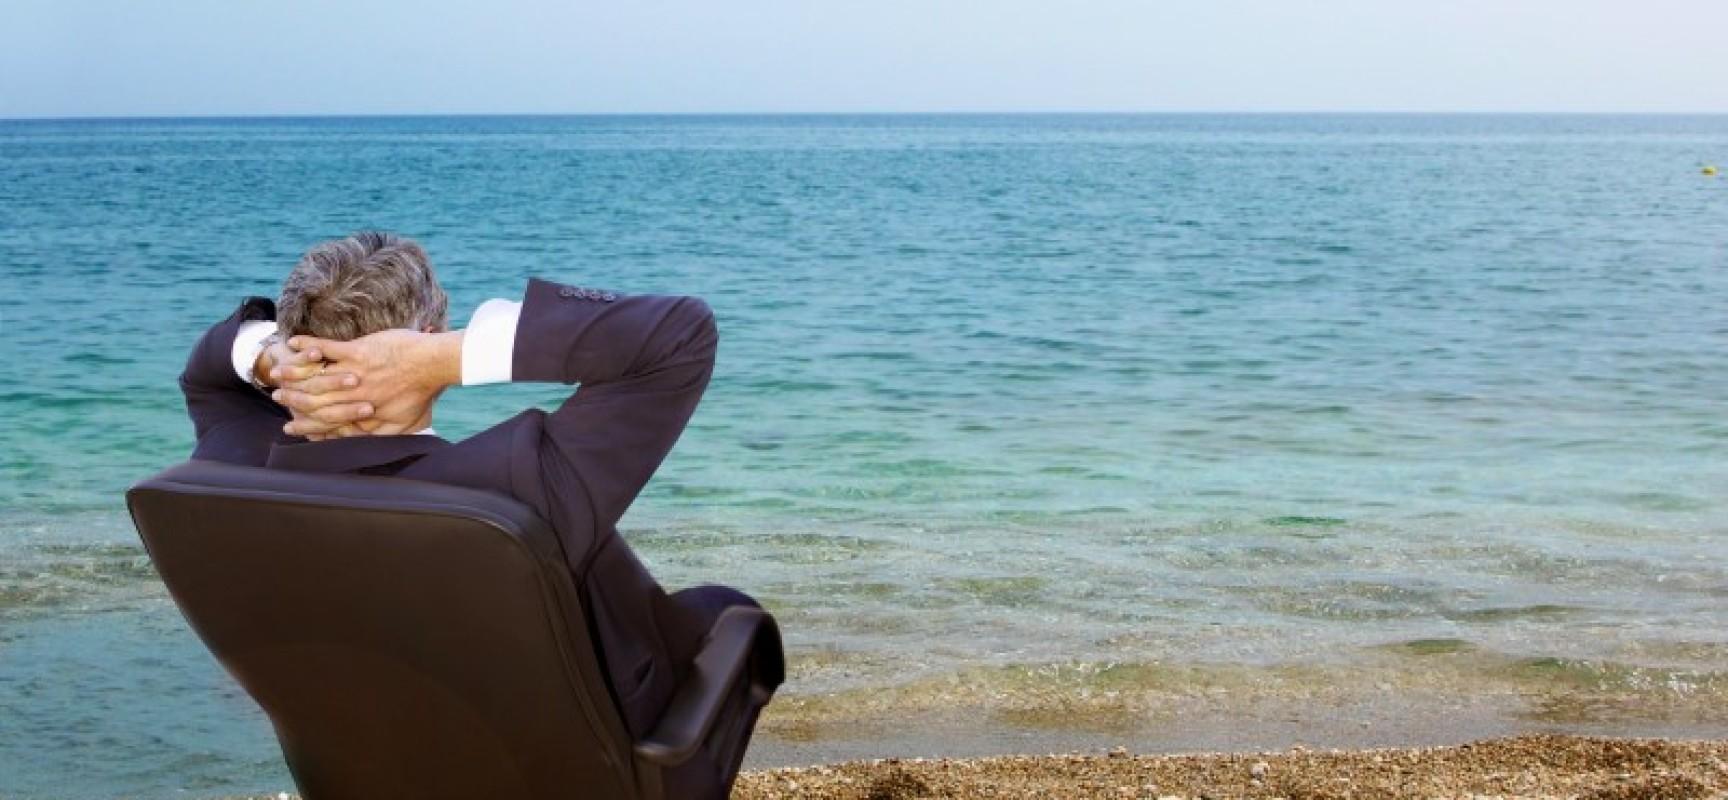 Отпуск без содержания по инициативе работника: максимальный срок